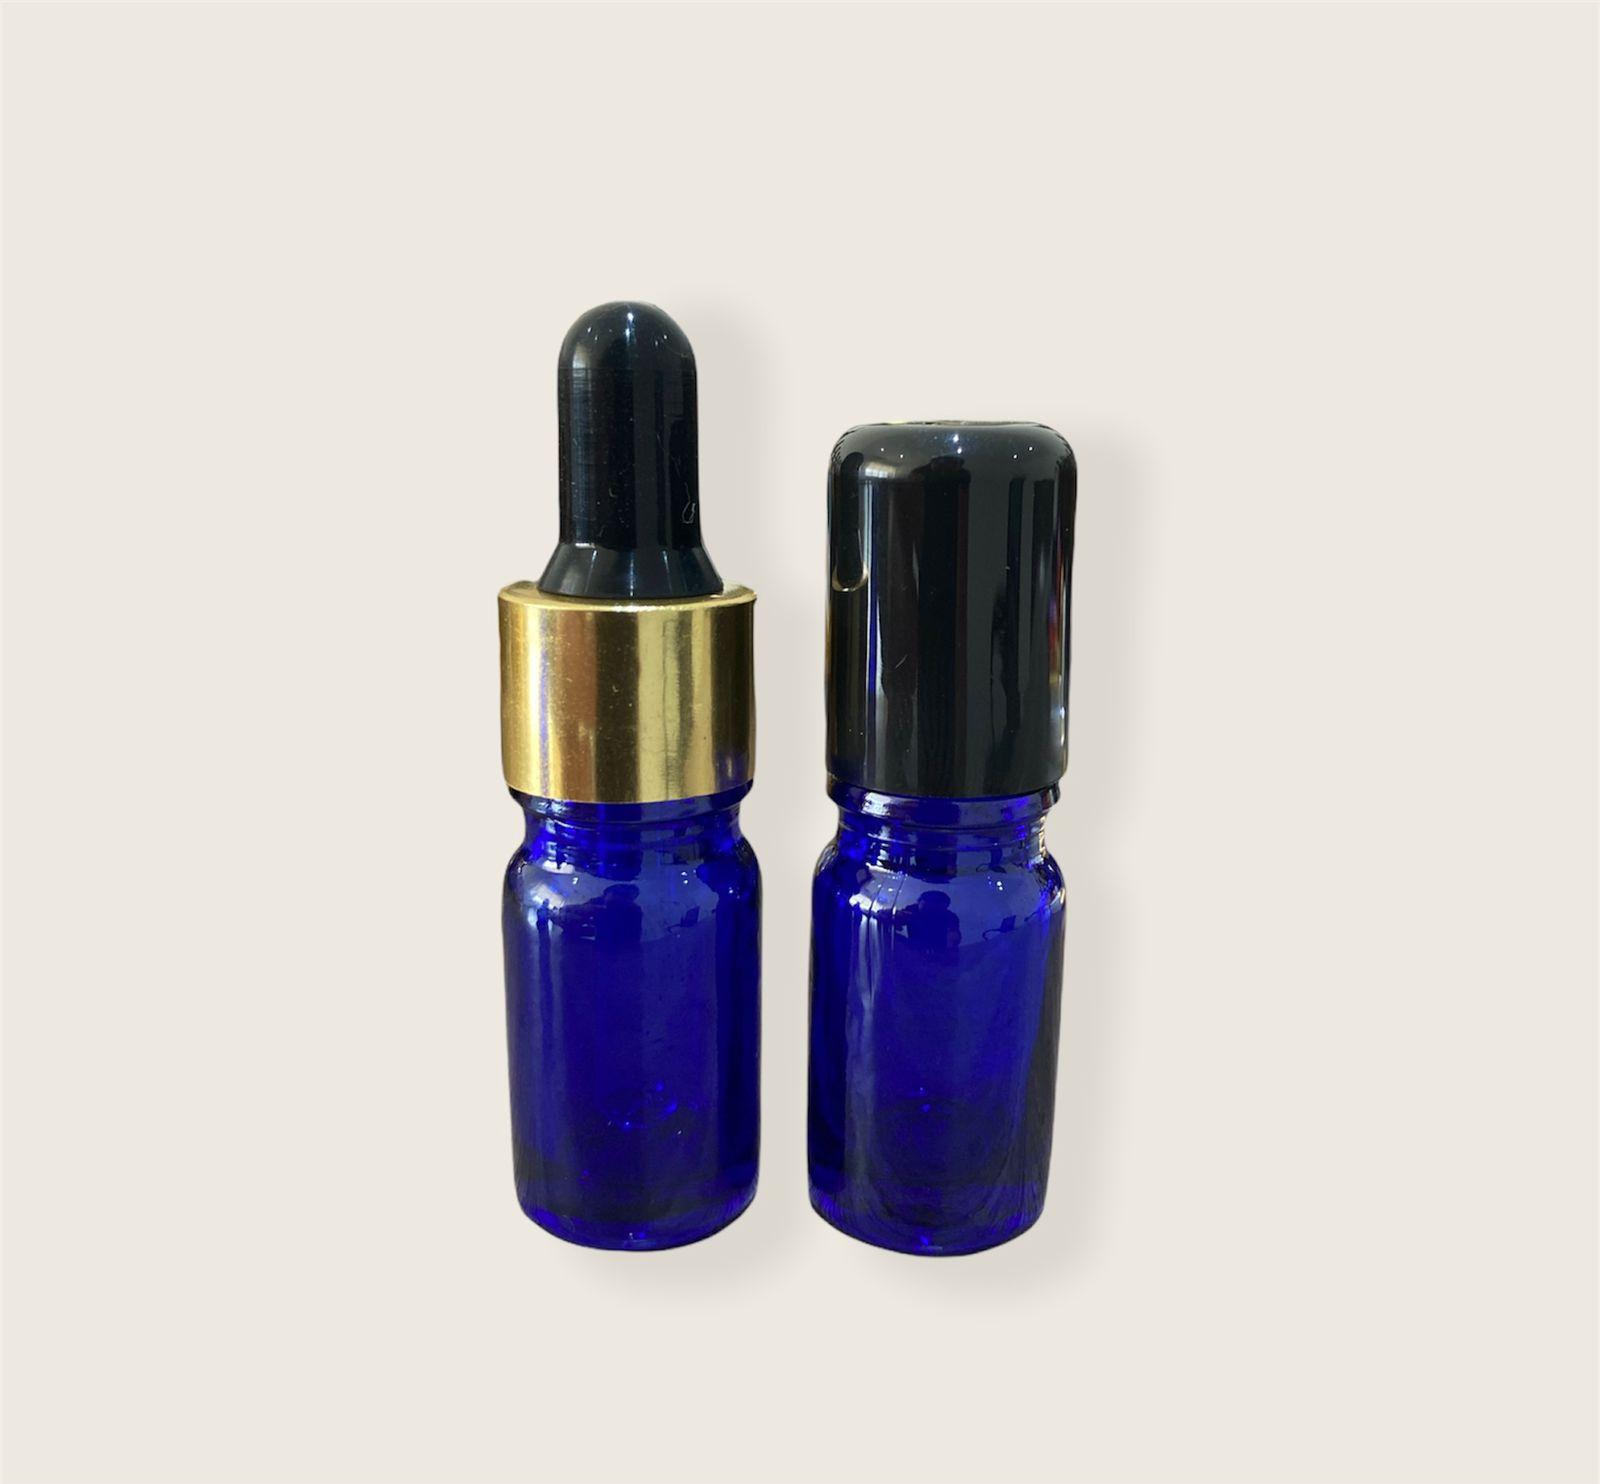 Frasco Vidro Azul Conta Gotas 5ml com tampa dourada - Bulbo Preto ou Branco